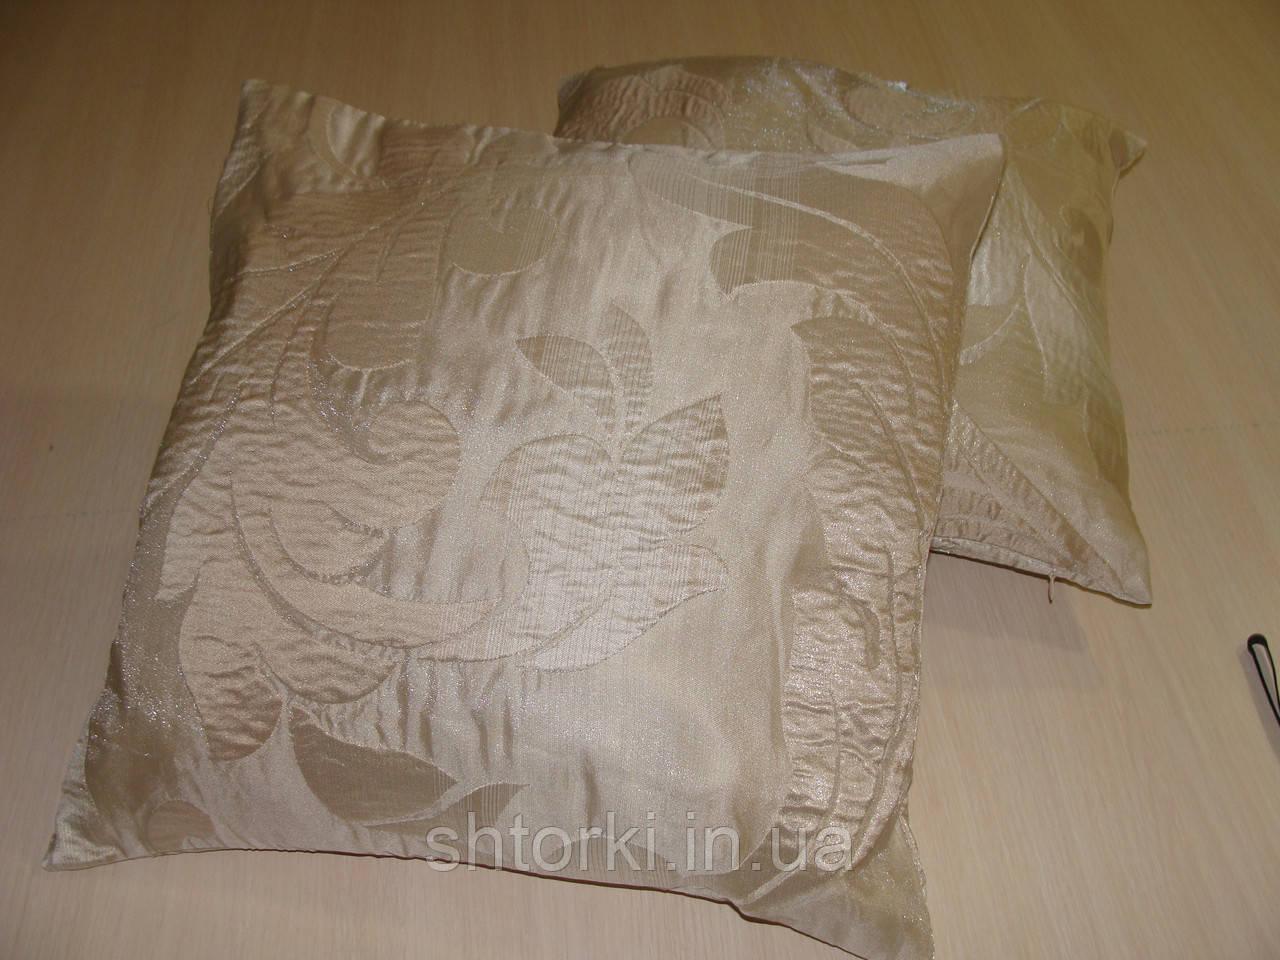 Комплект подушек бежевые с завитками,  2 шт 40*40см